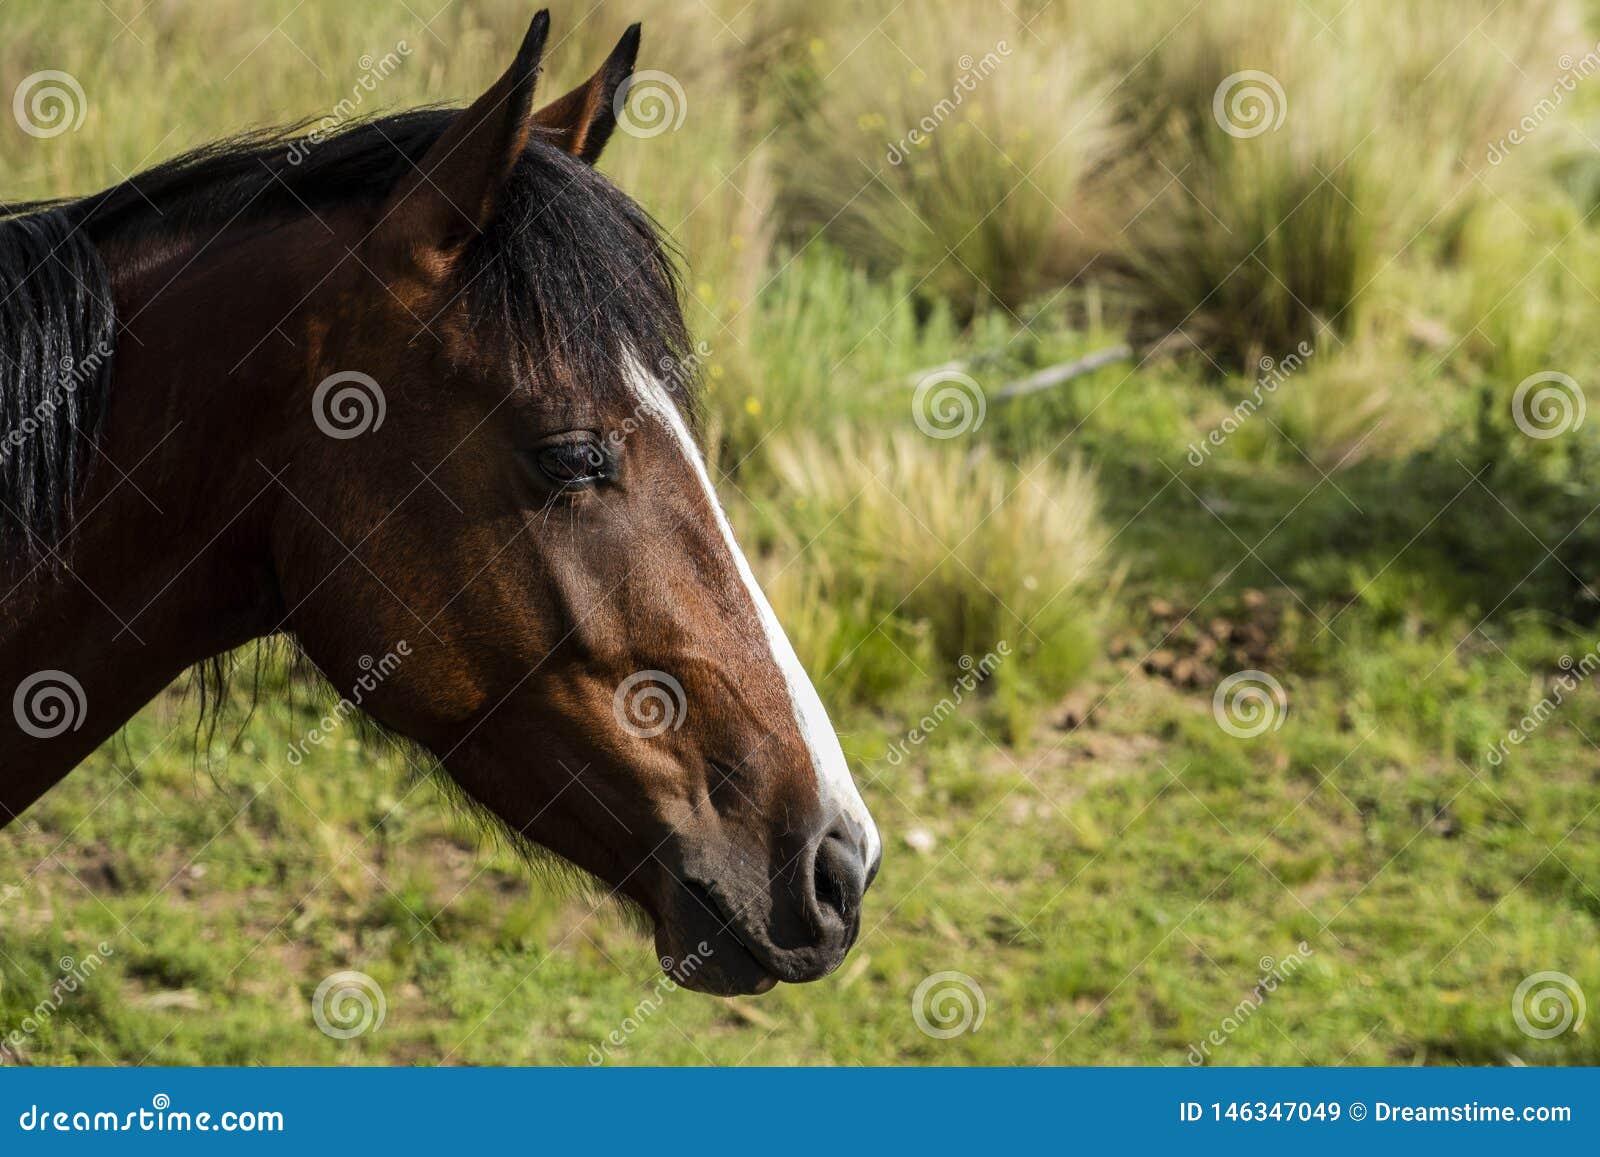 Primo piano della testa di un cavallo marrone